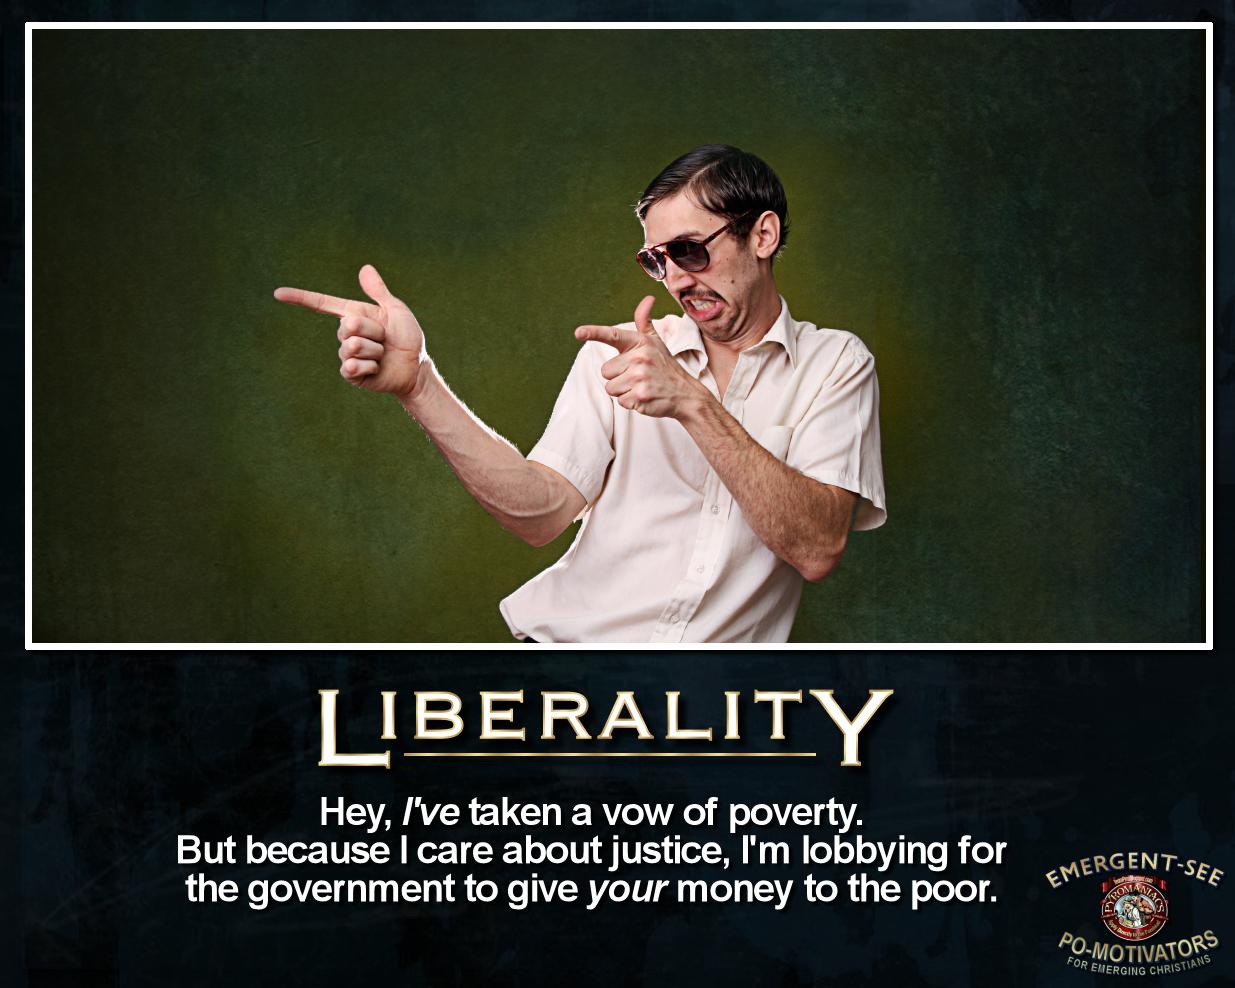 Liberality